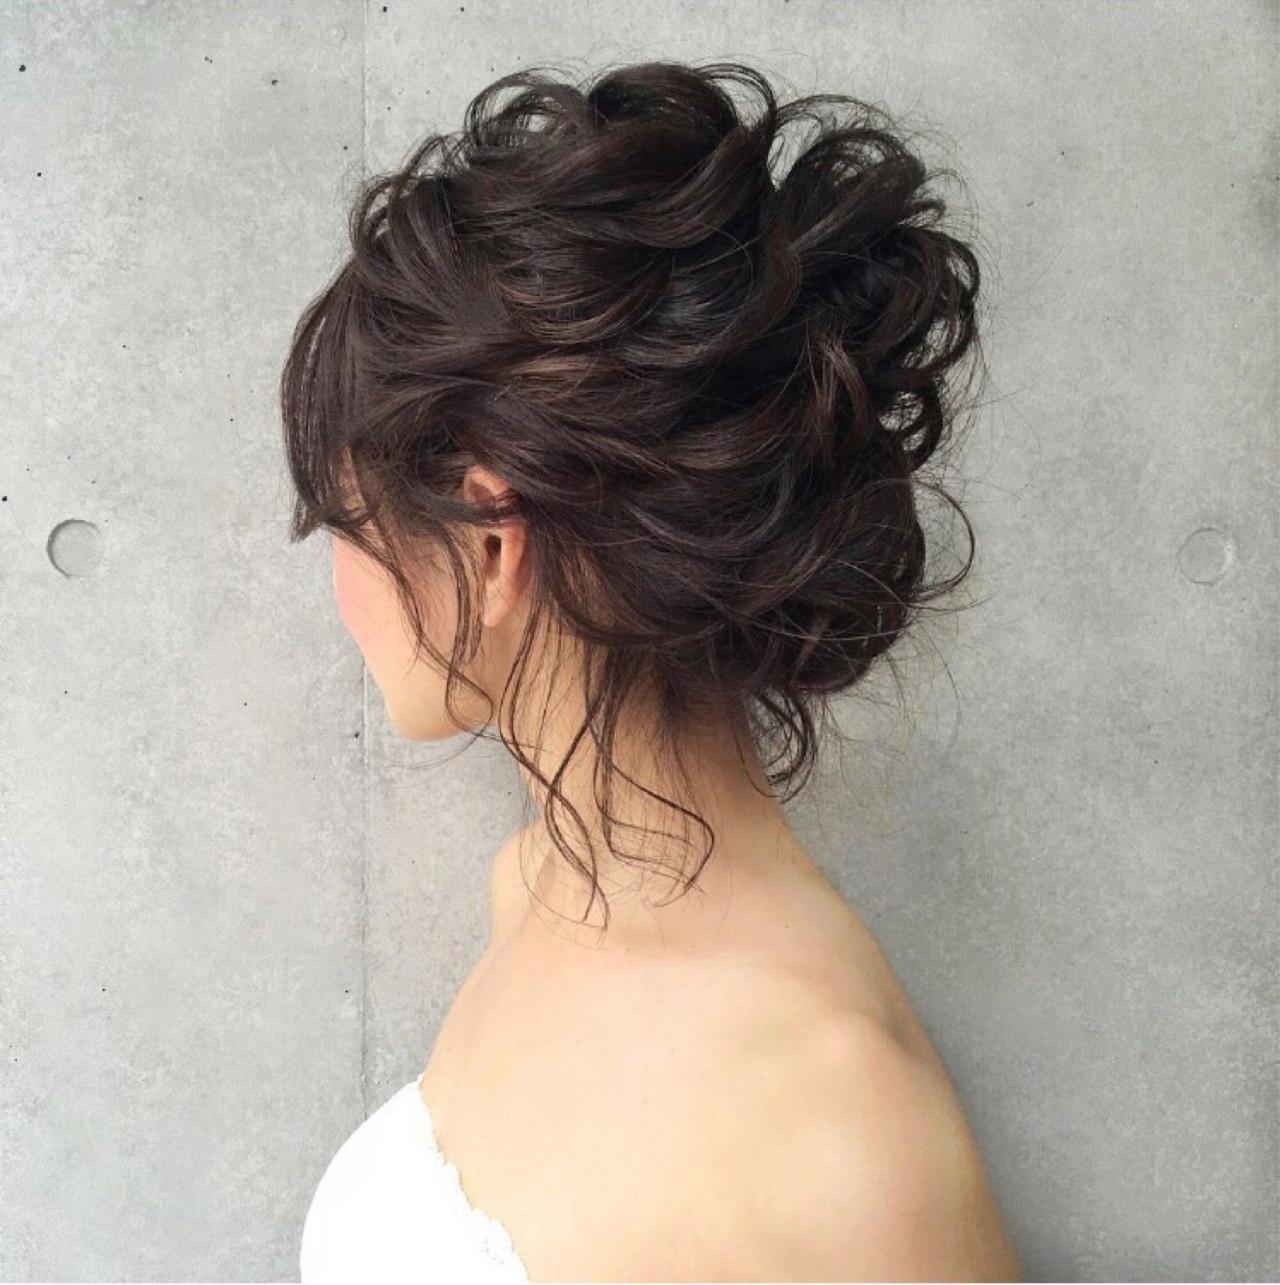 黒髪×ツヤ感で清楚☆結婚式に映えるアレンジ tomoya tamada